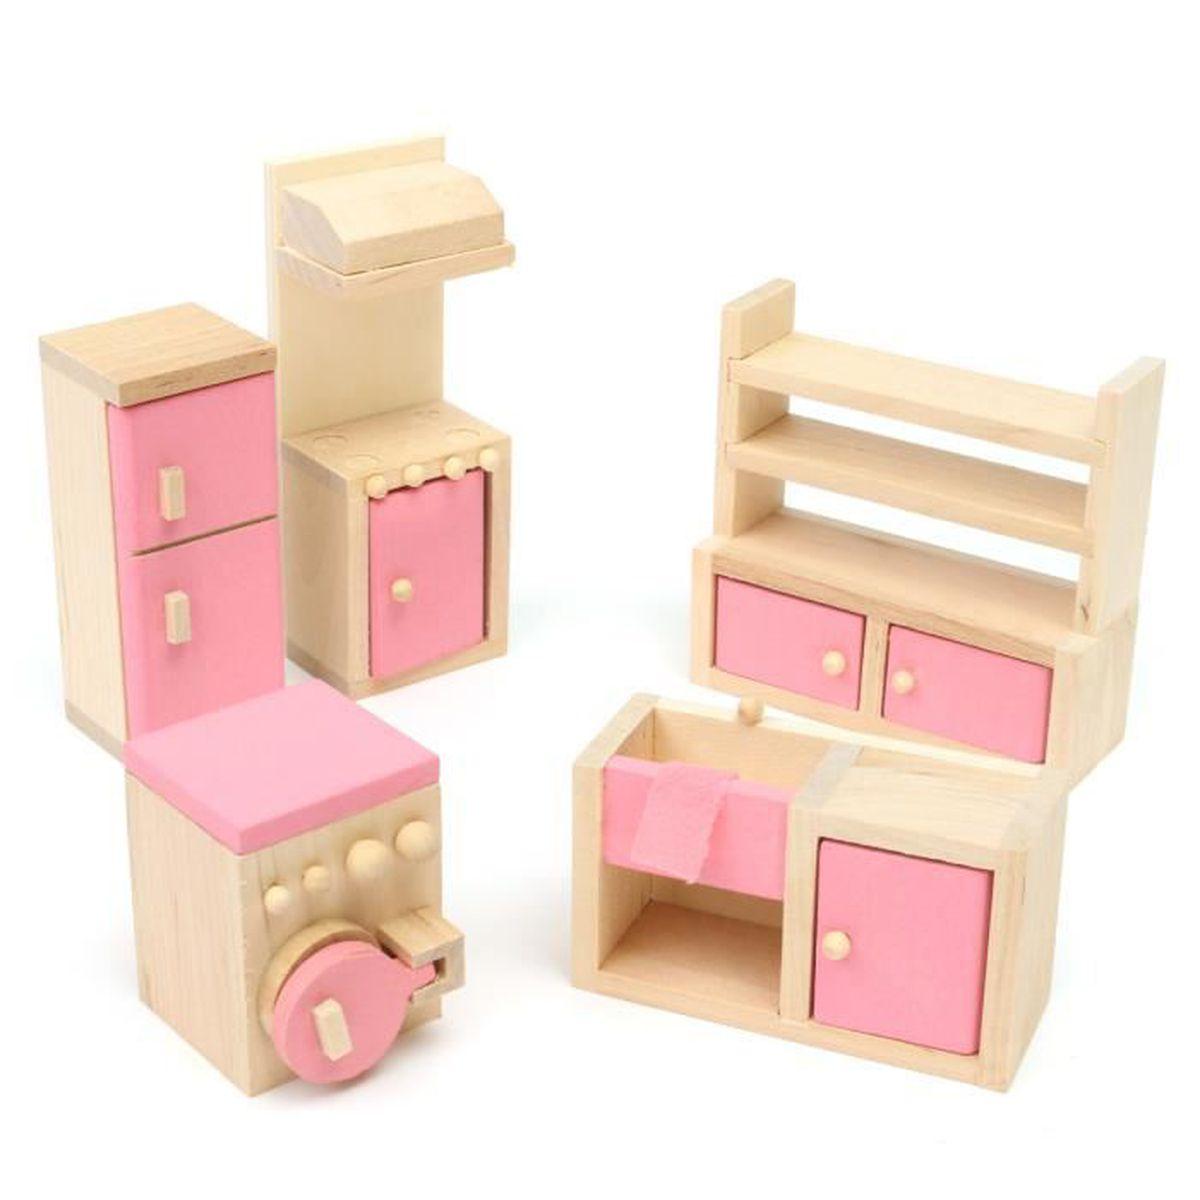 Meubles maison pas cher decoration decoration design for Copie meuble design pas cher